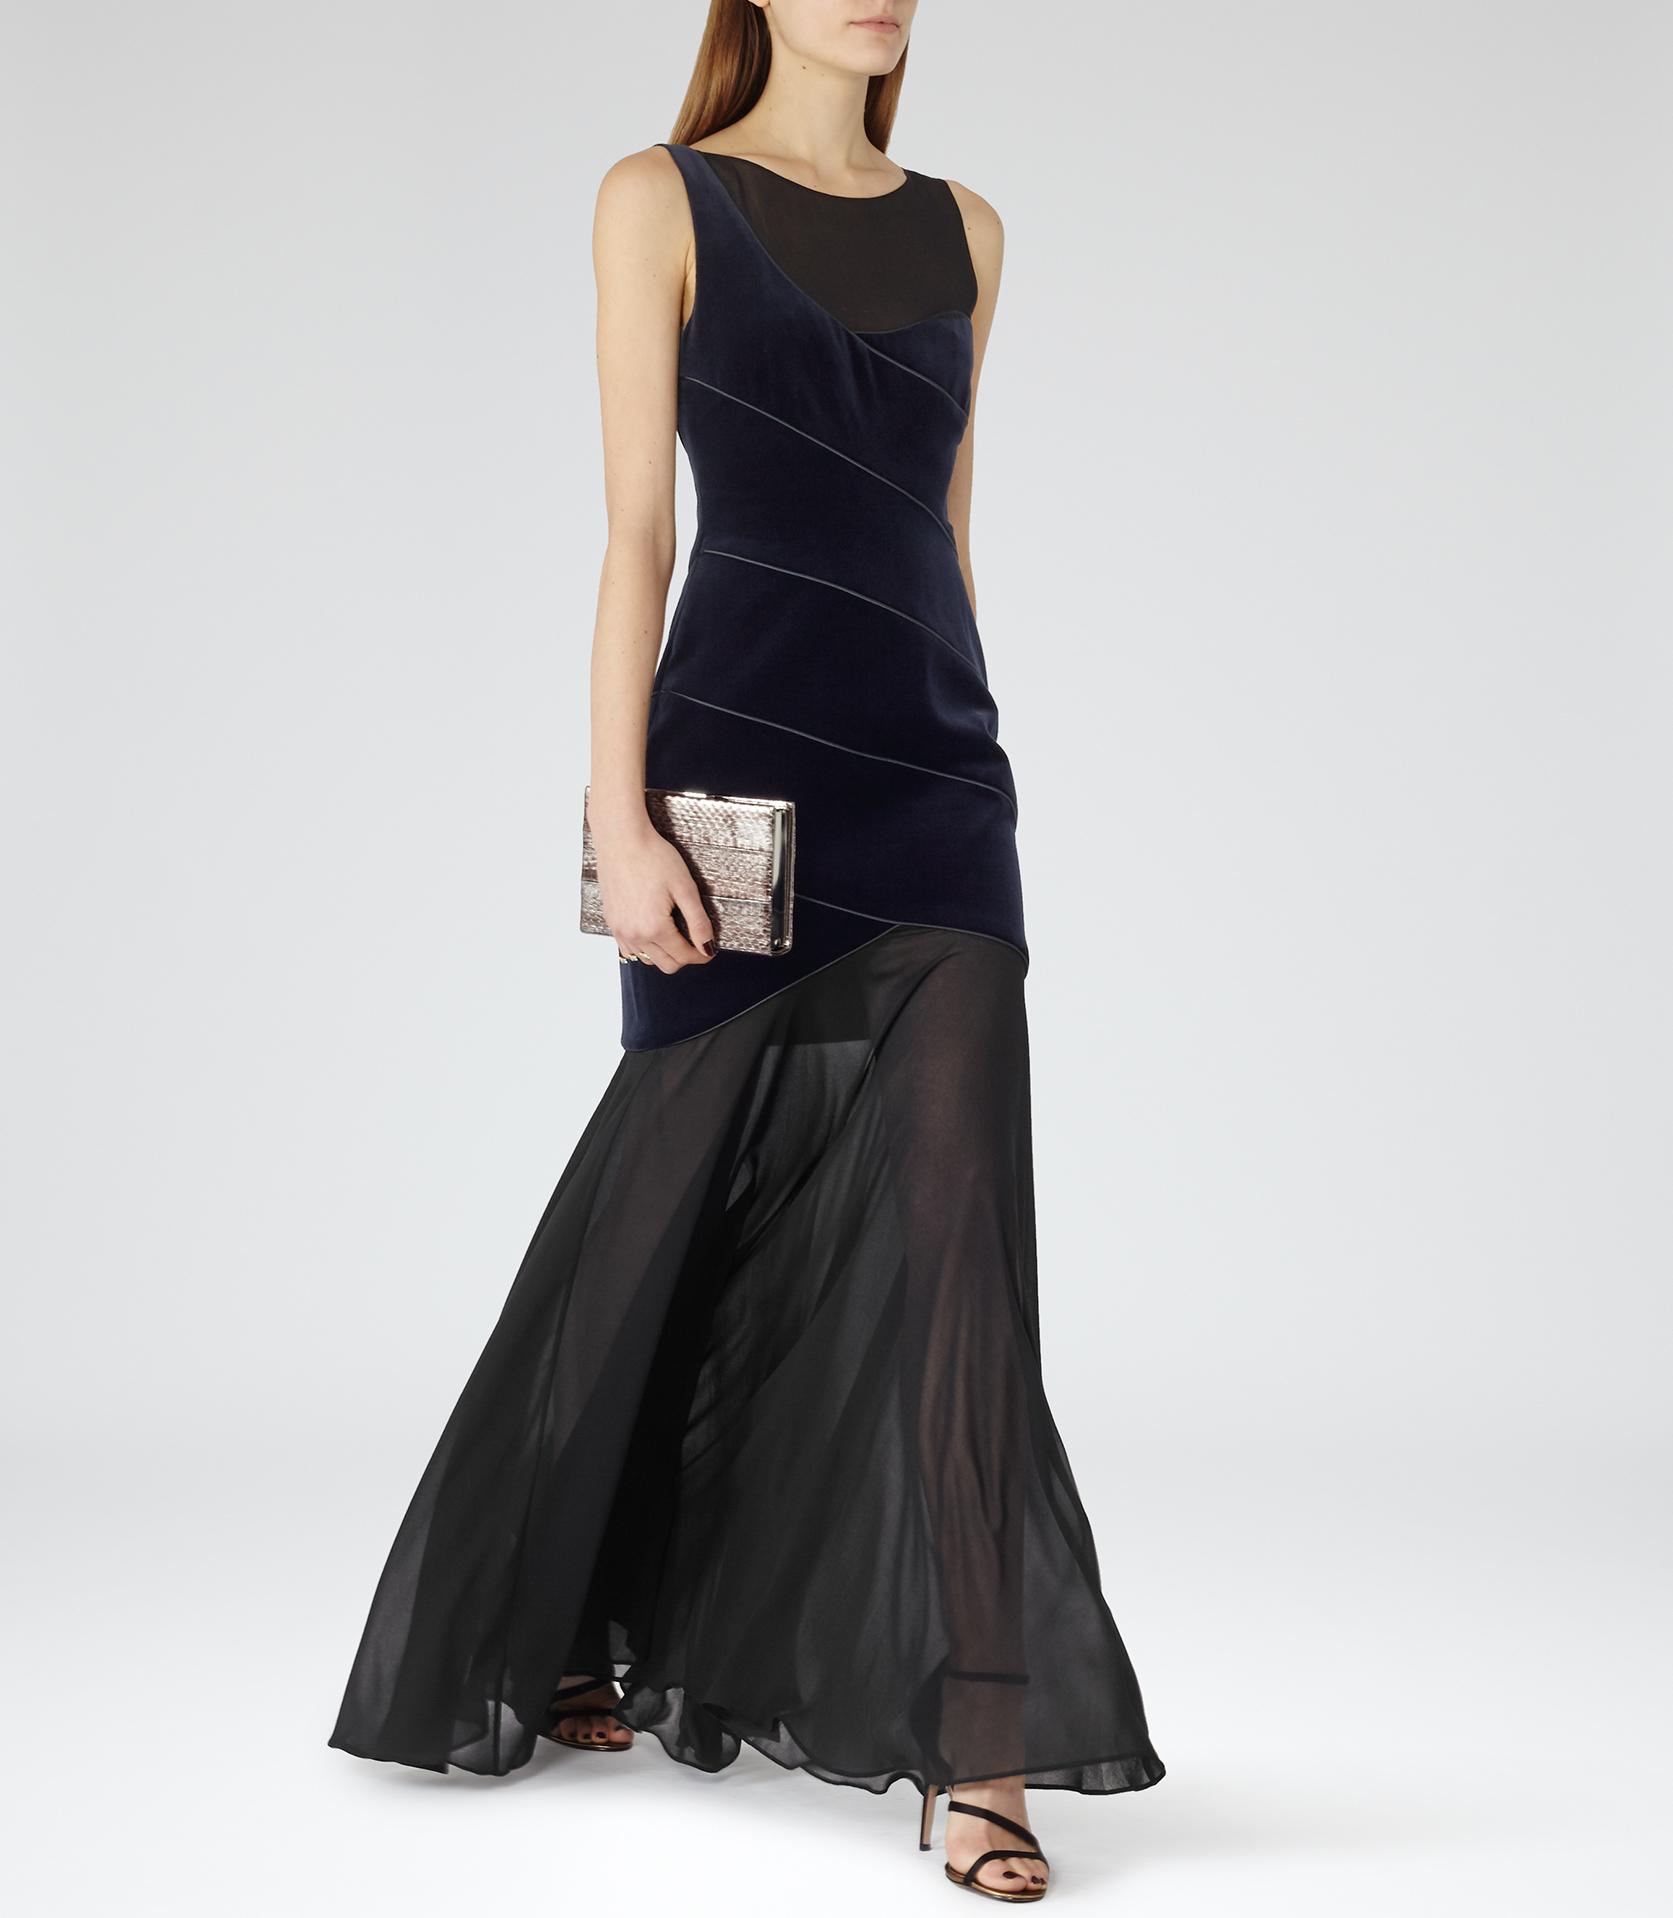 Reiss long evening dresses